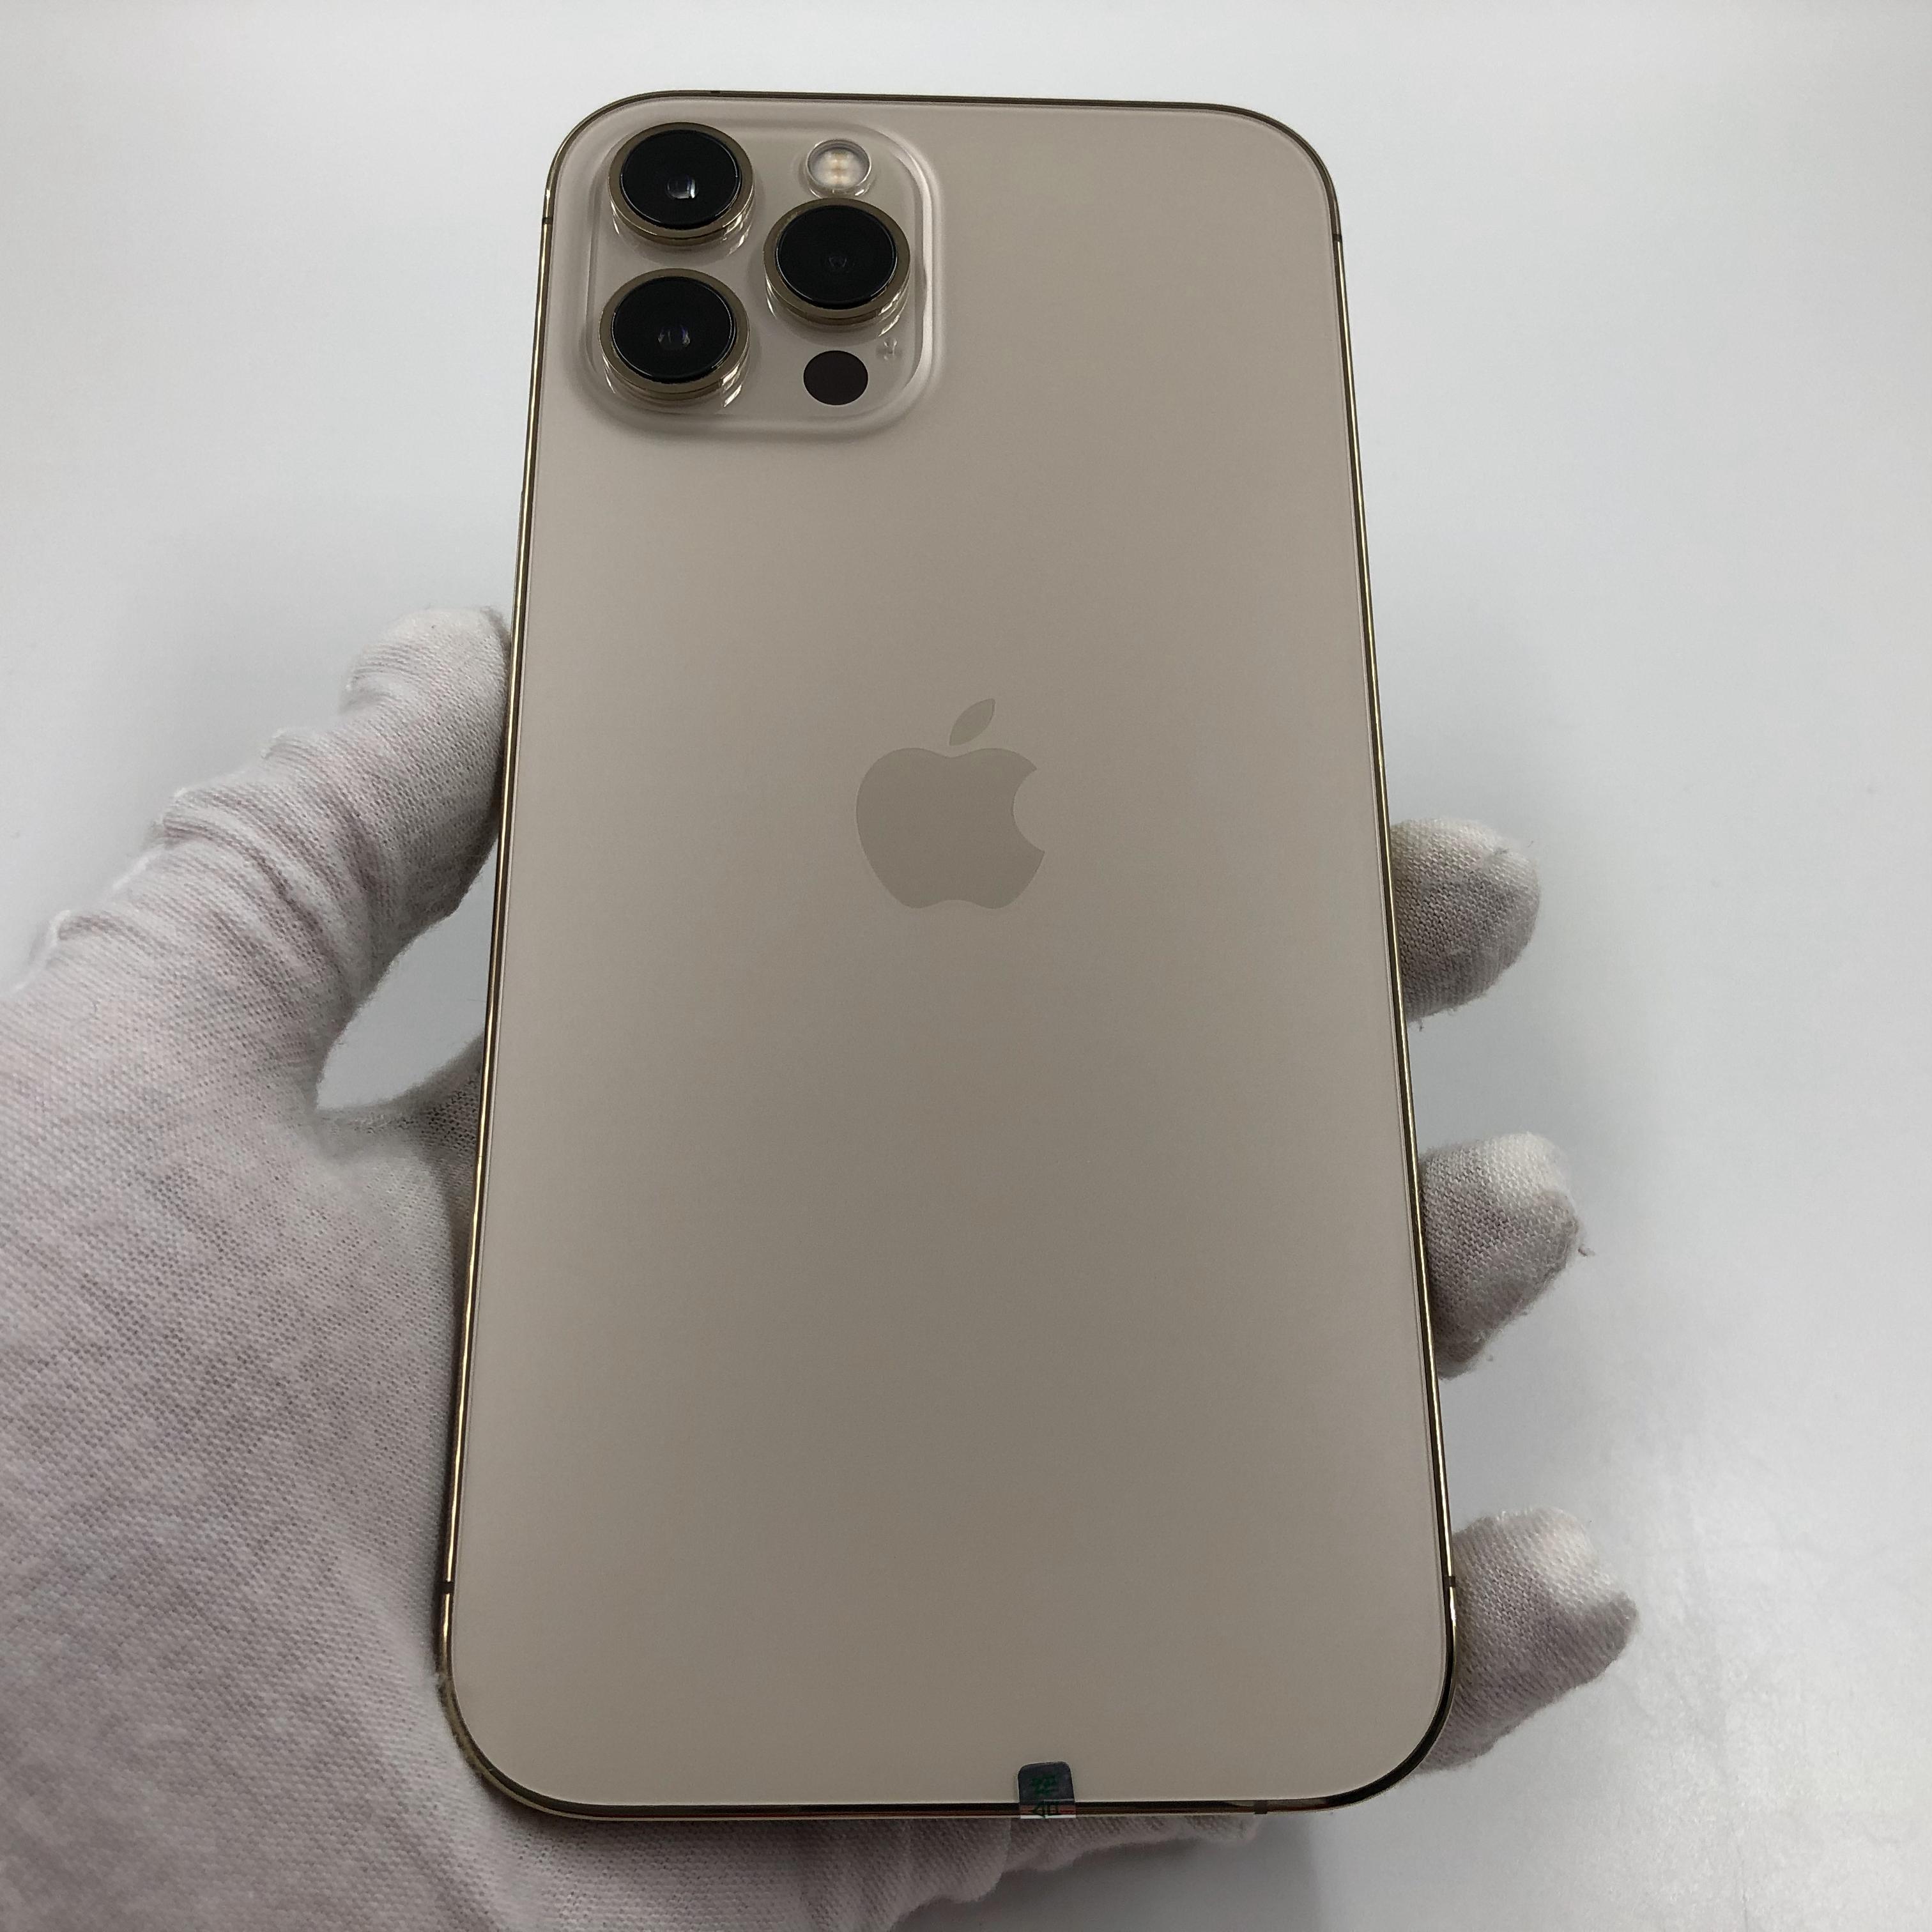 苹果【iPhone 12 Pro Max】5G全网通 金色 128G 国行 95新 真机实拍官保2022-04-15